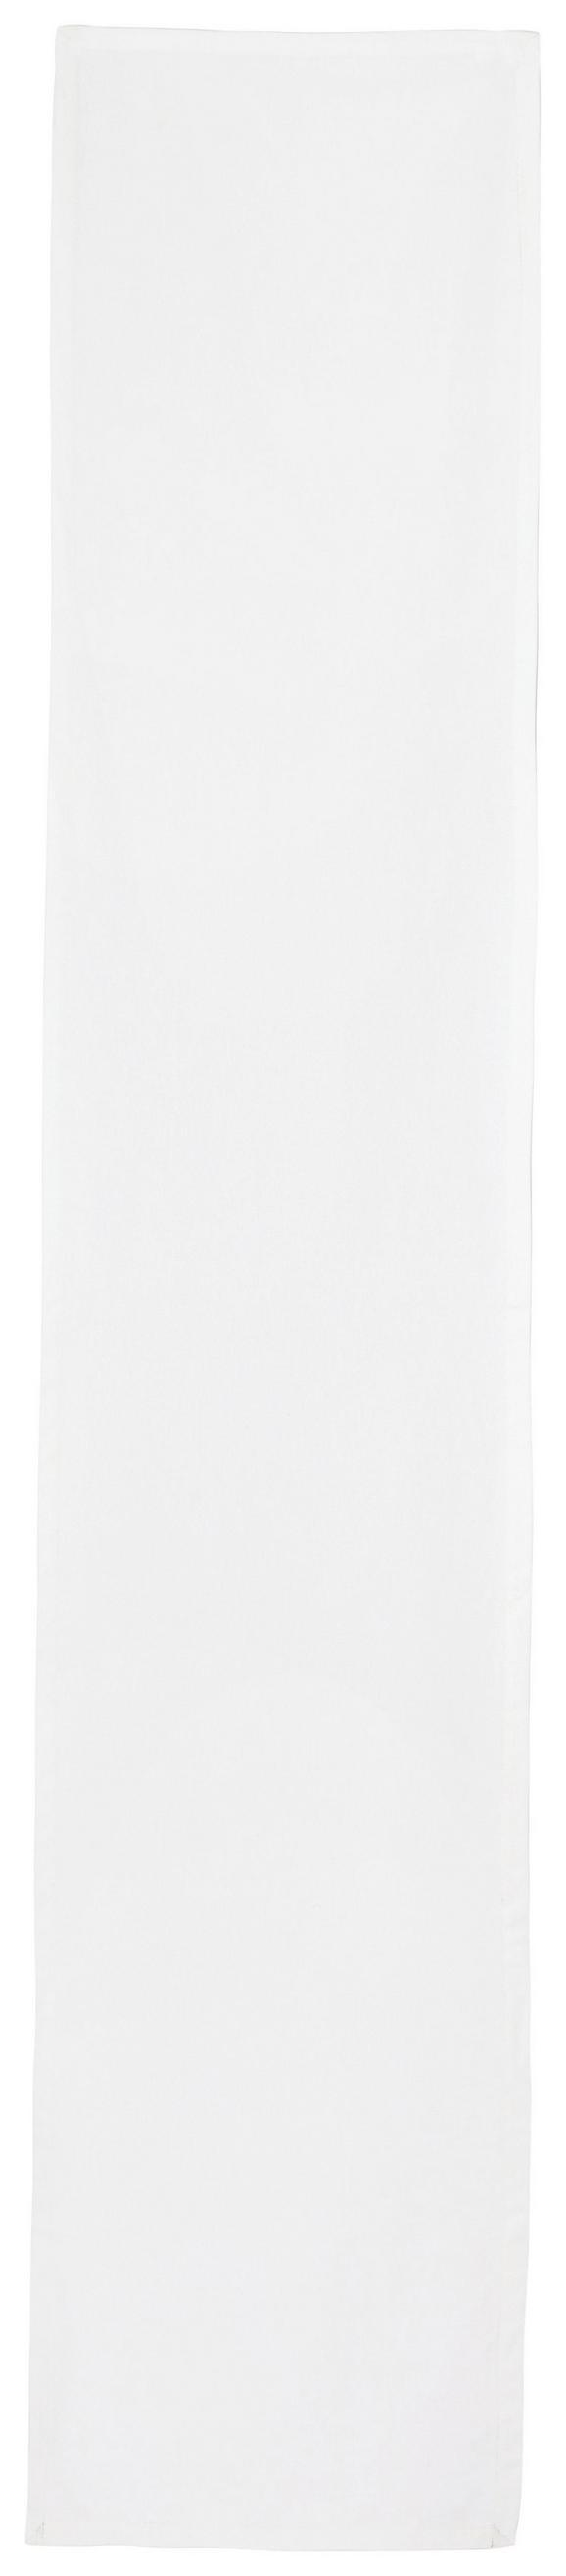 Asztali Futó Steffi Extra Méret - fehér, textil (45/240cm) - MÖMAX modern living